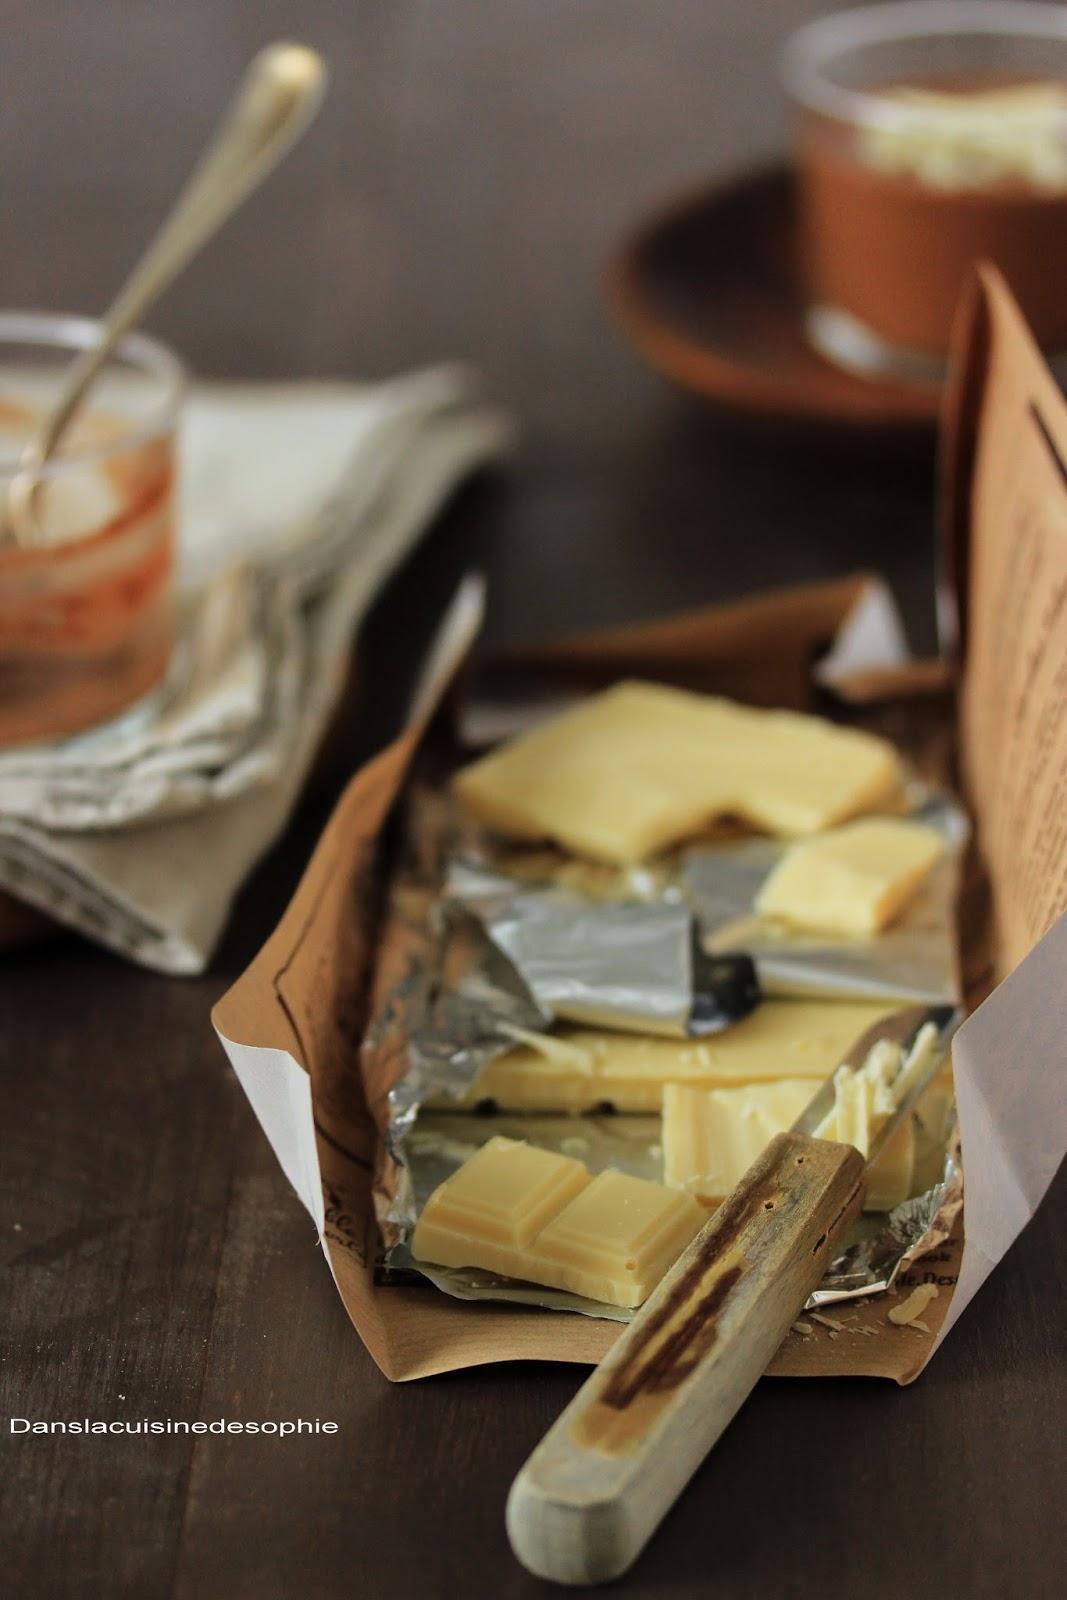 Dans la cuisine de sophie mousse coco chocolat for Dans 30 ans plus de chocolat